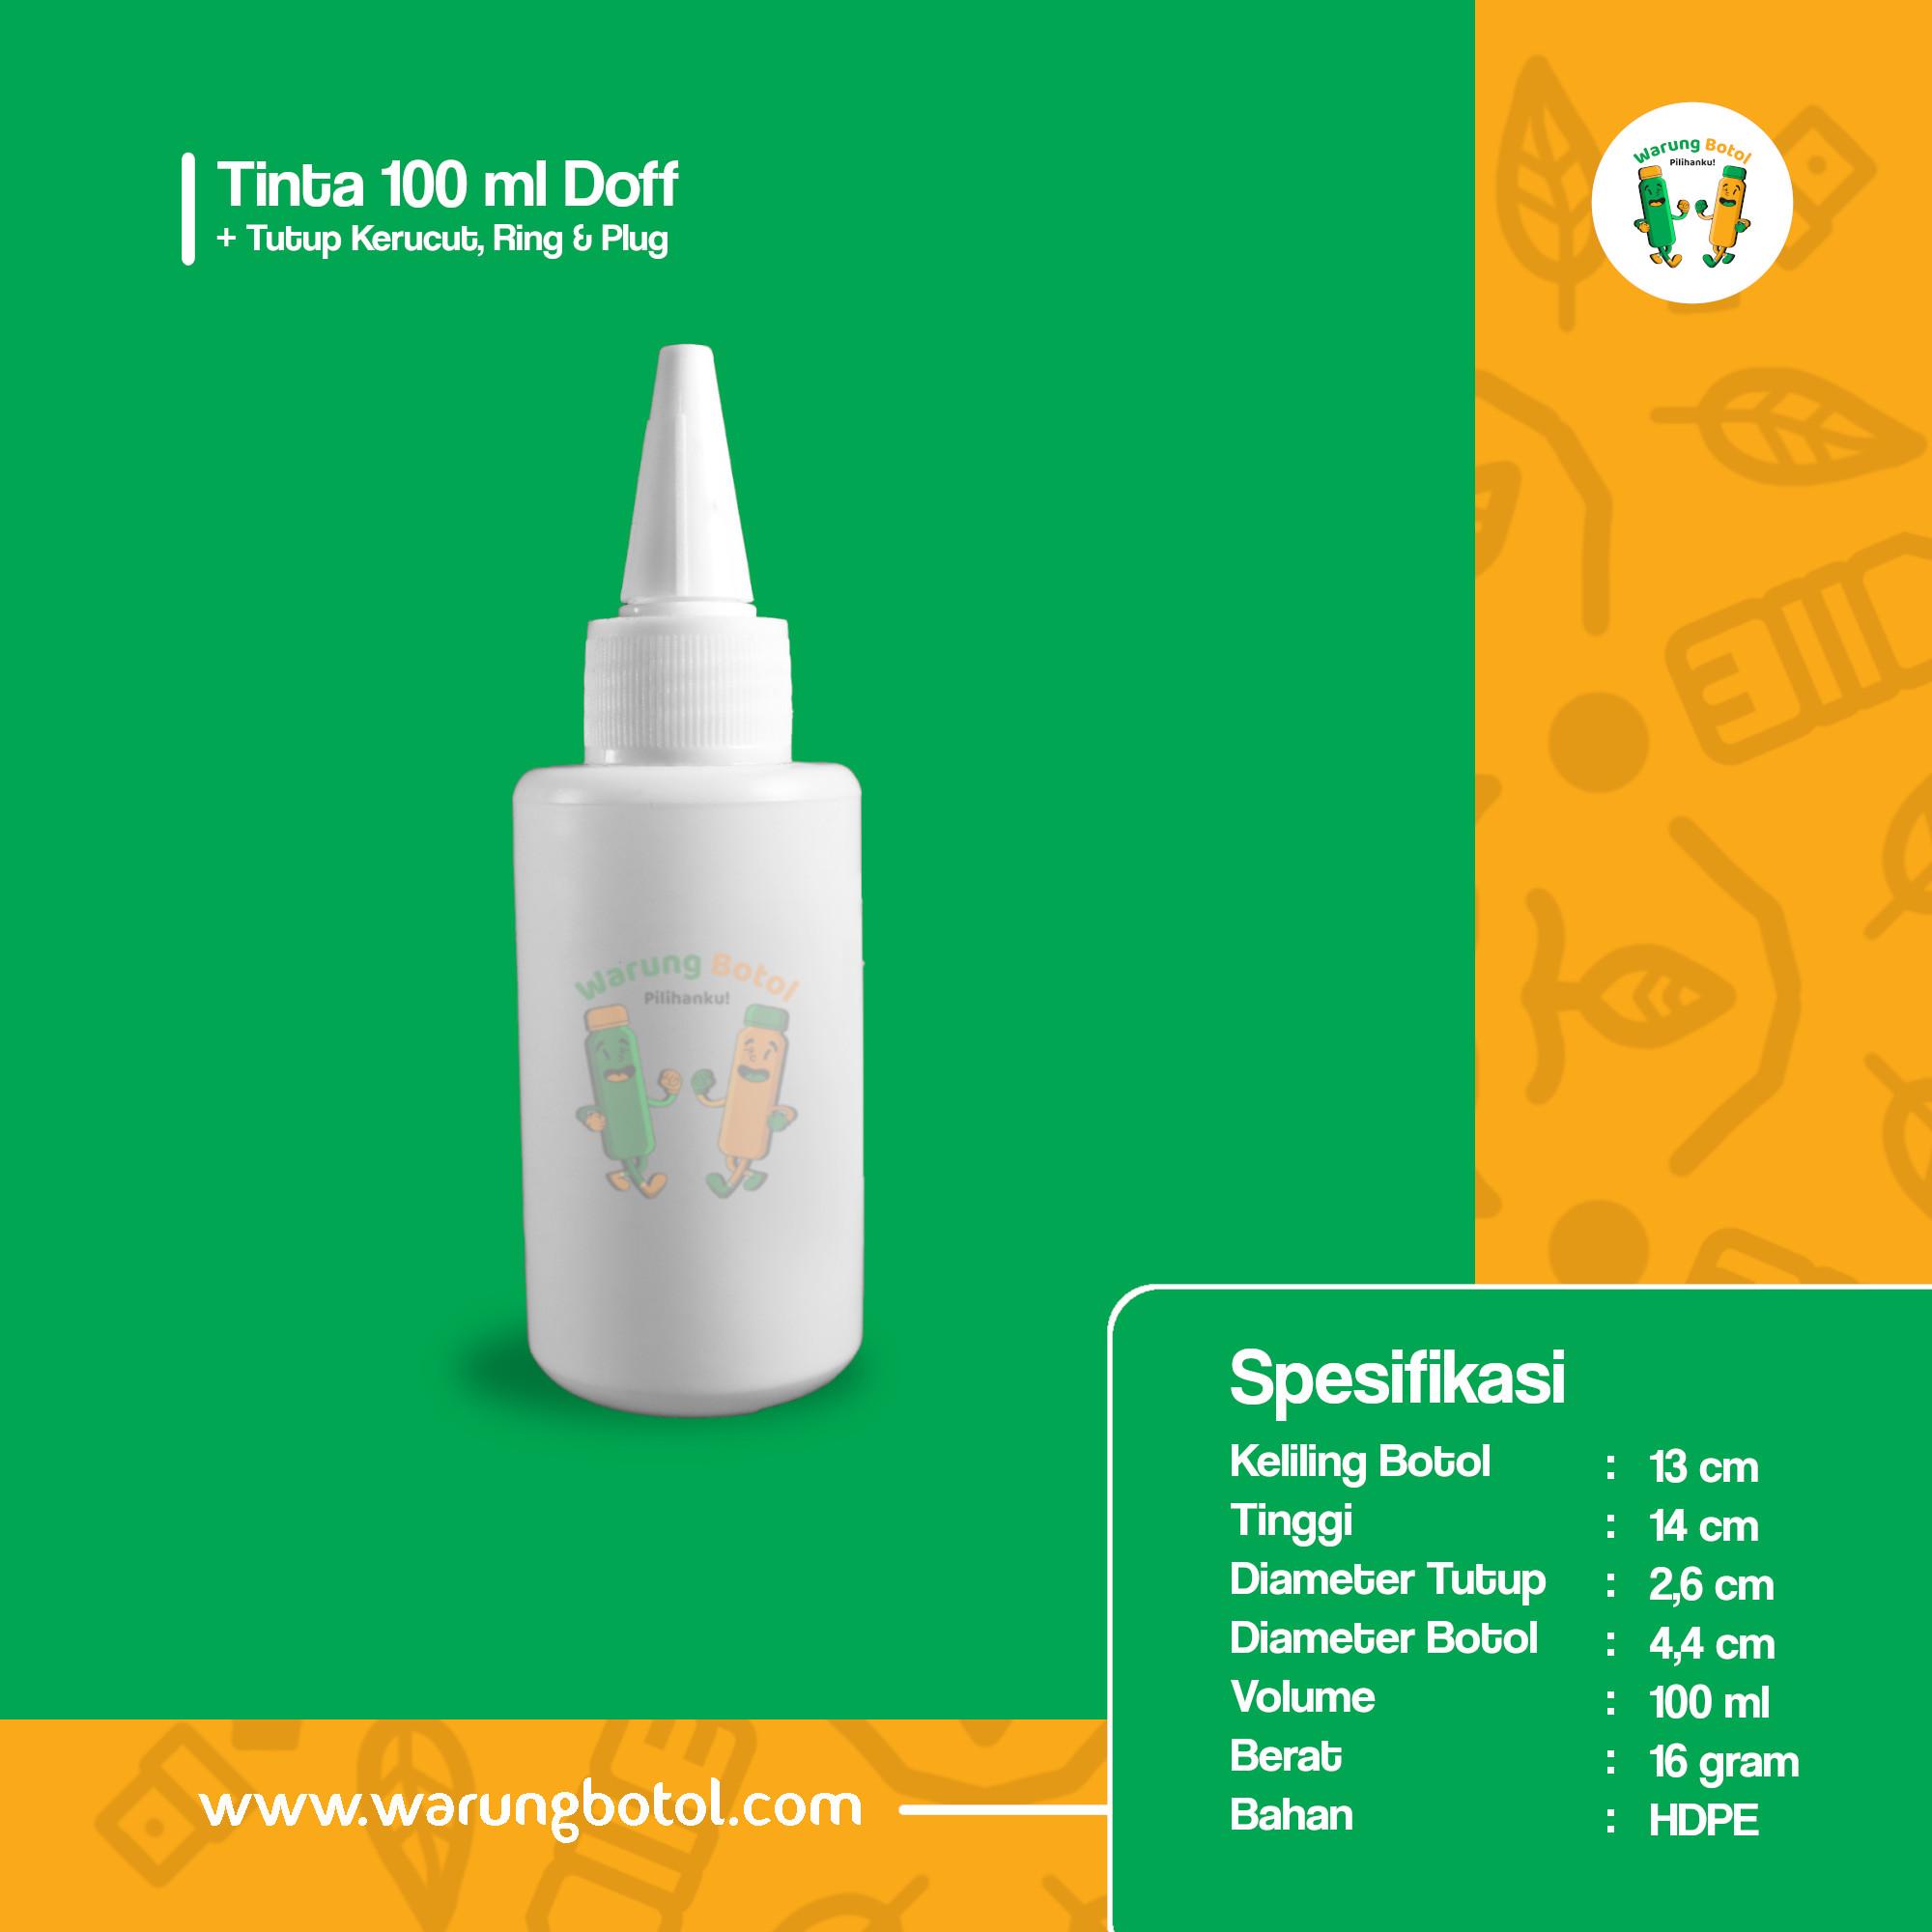 distributor toko jual botol plastik untuk tinta 100ml murah bahan hdpe tutup kerucut untuk tinta terdekat di bandung, jakarta, bekasi dan bogor